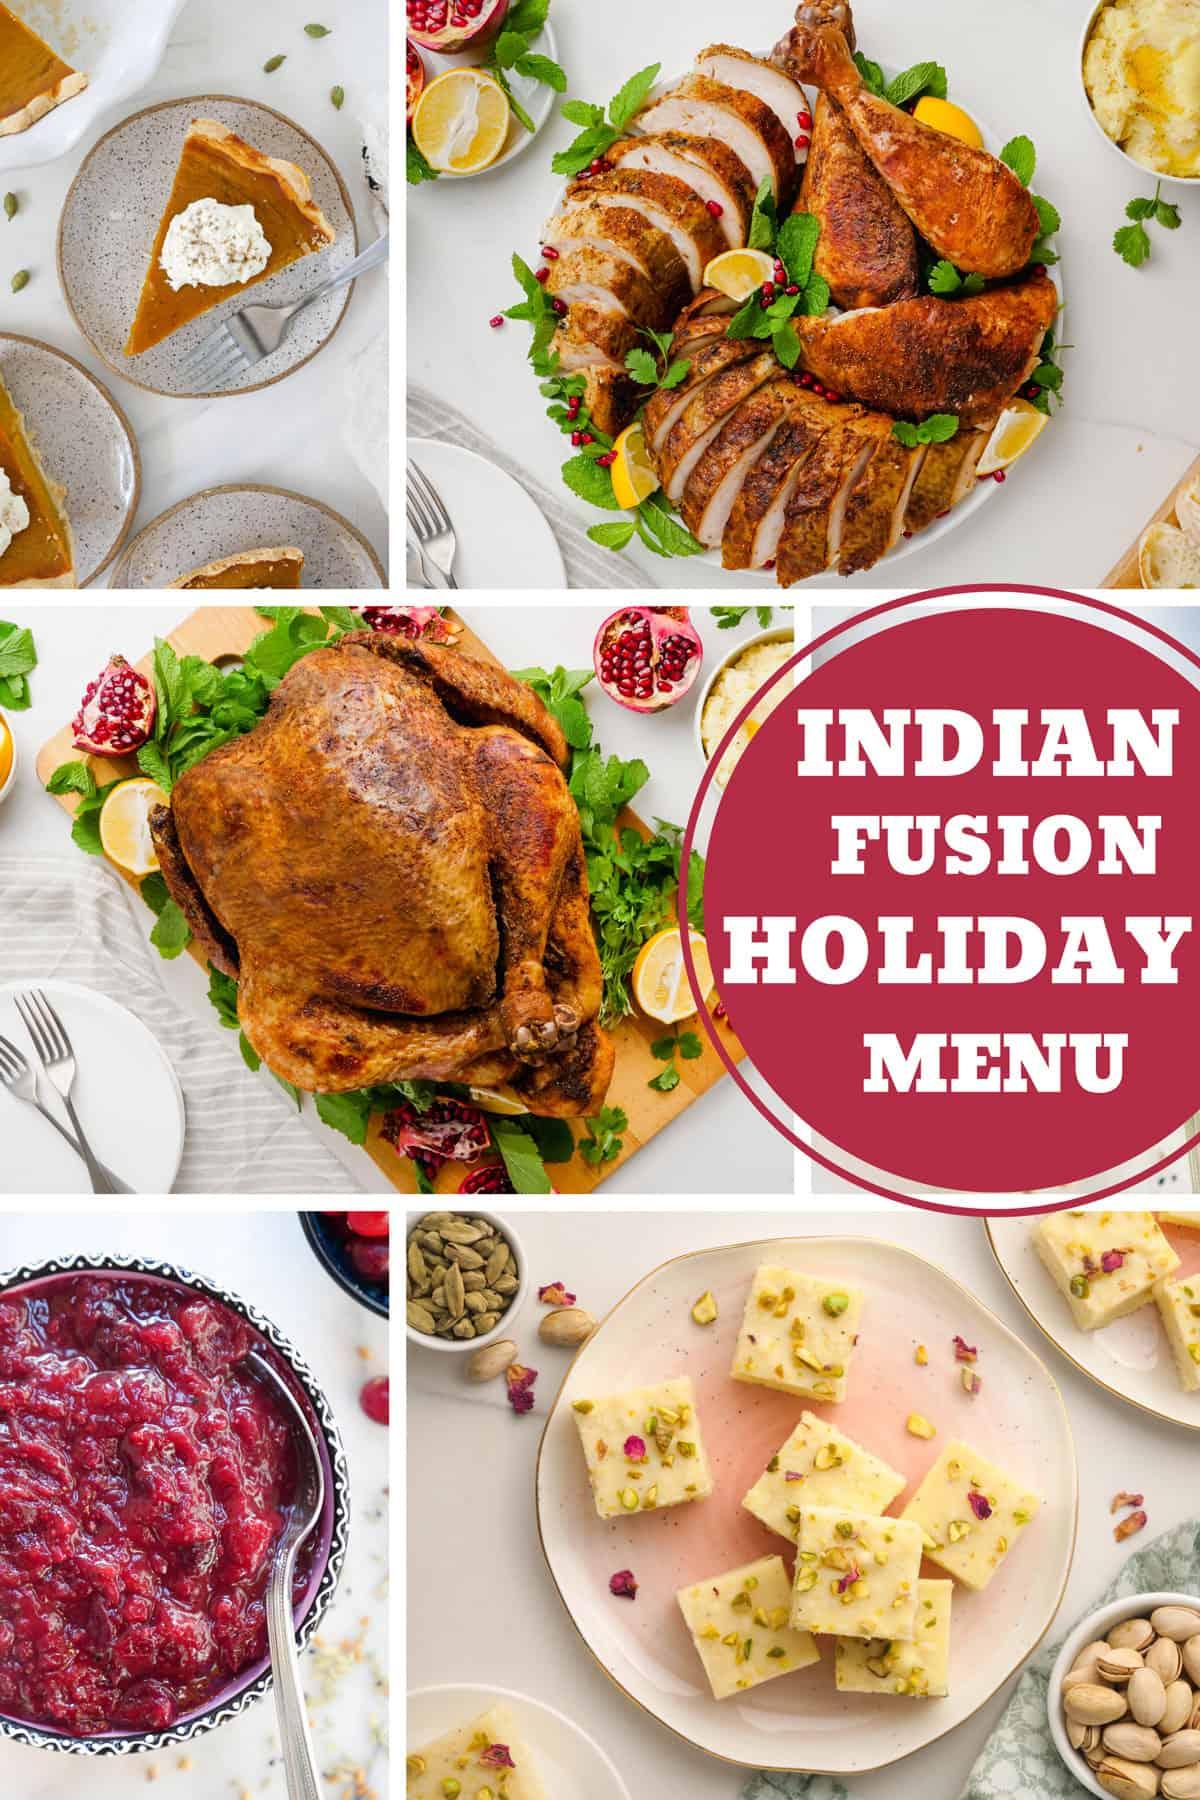 Indian Fusion Holiday Menu